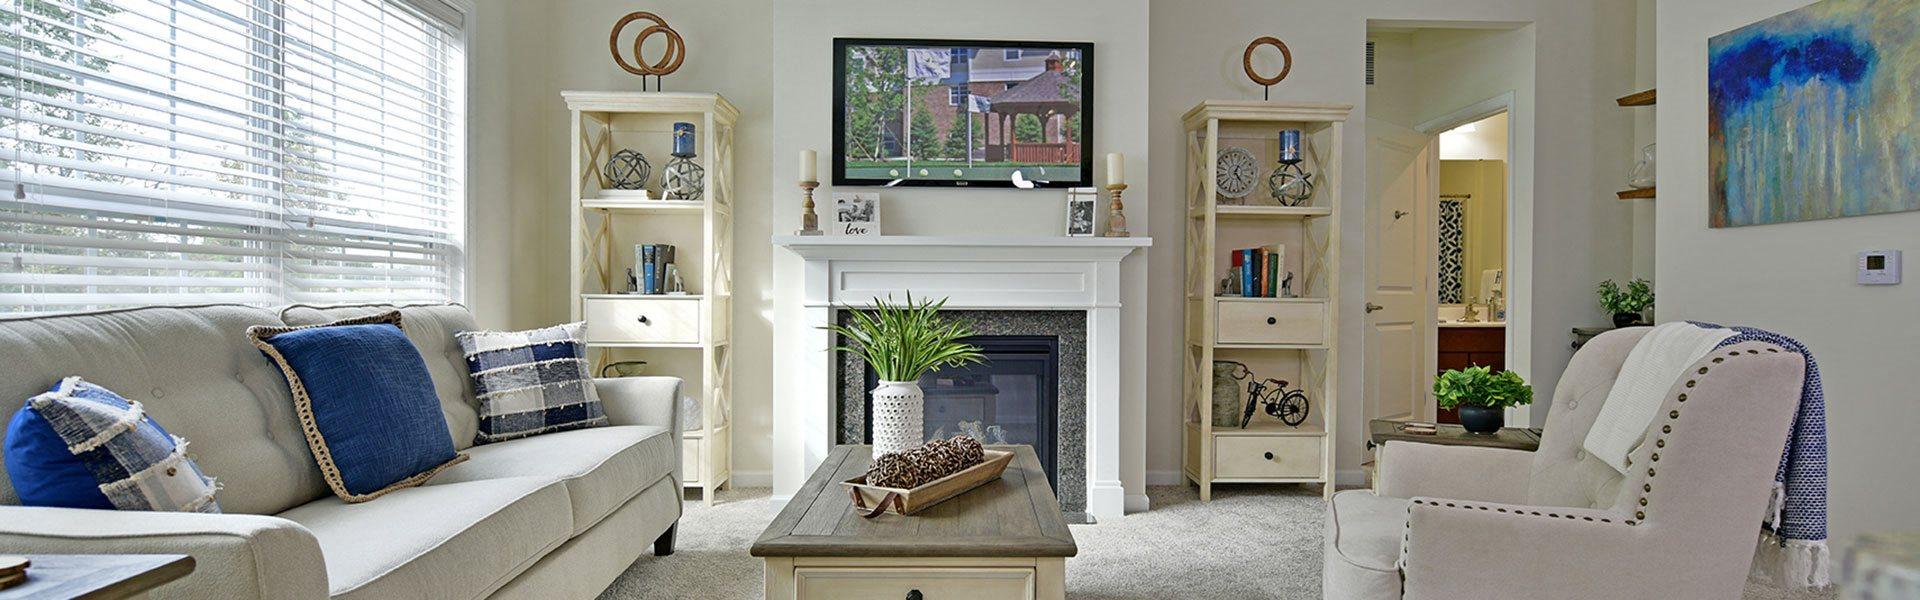 Beautiful Living Room at Rose Villas - Avon, Ohio, 44011